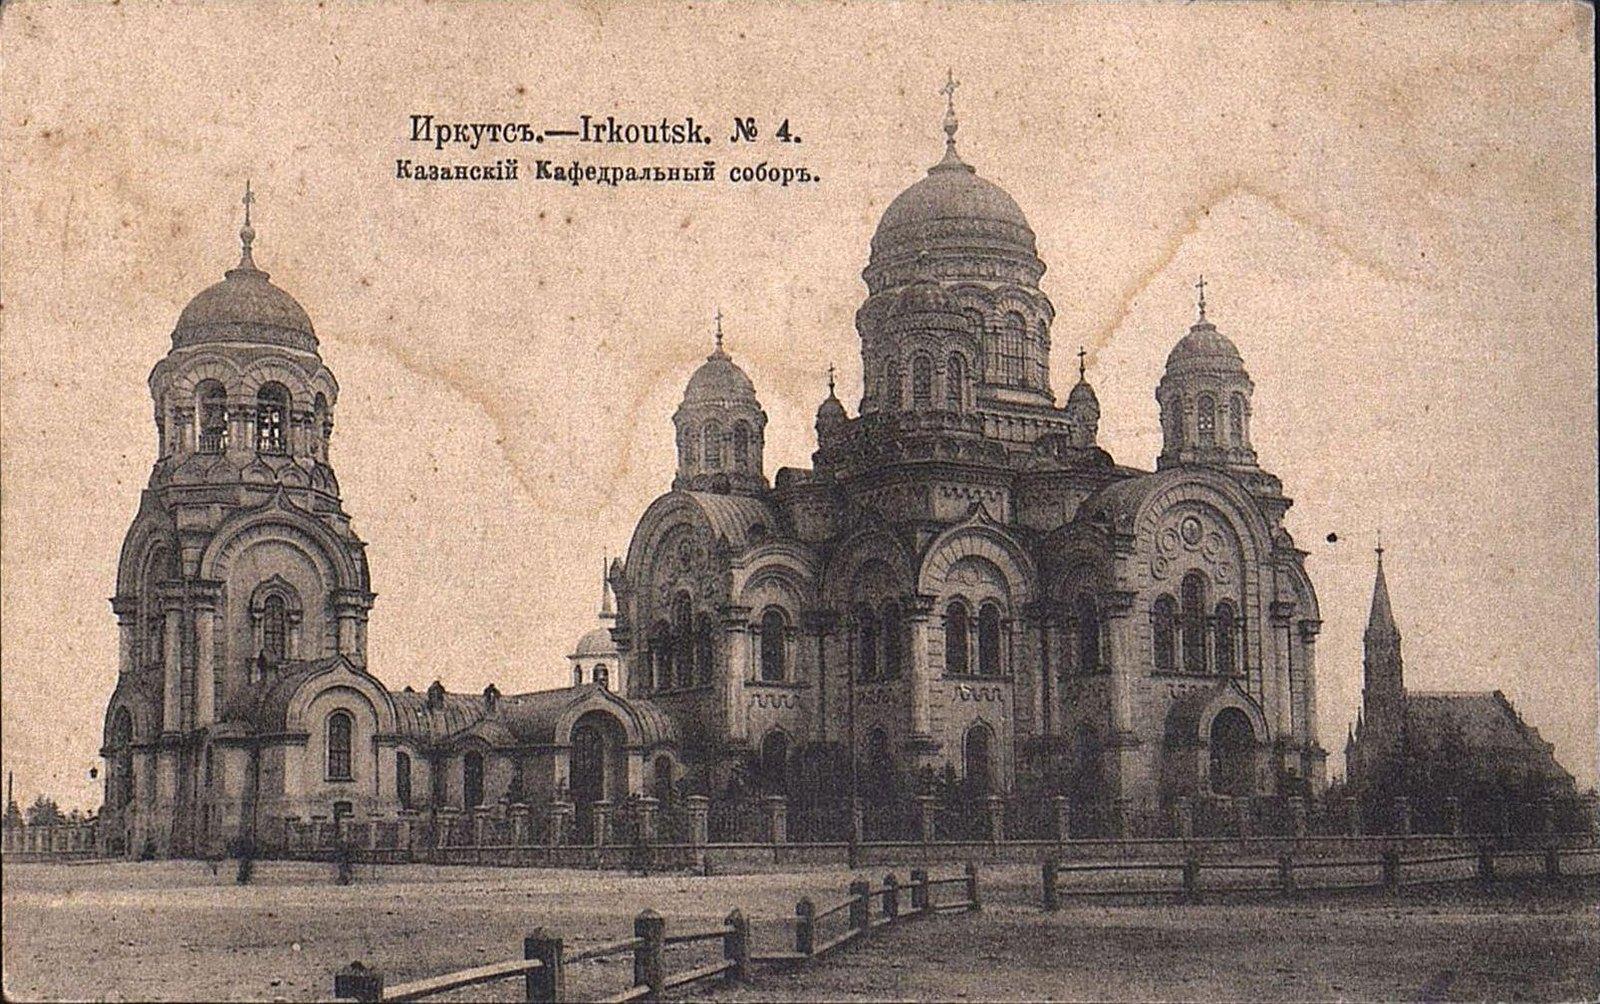 Тихвинская площадь. Казанскай кафедральный собор